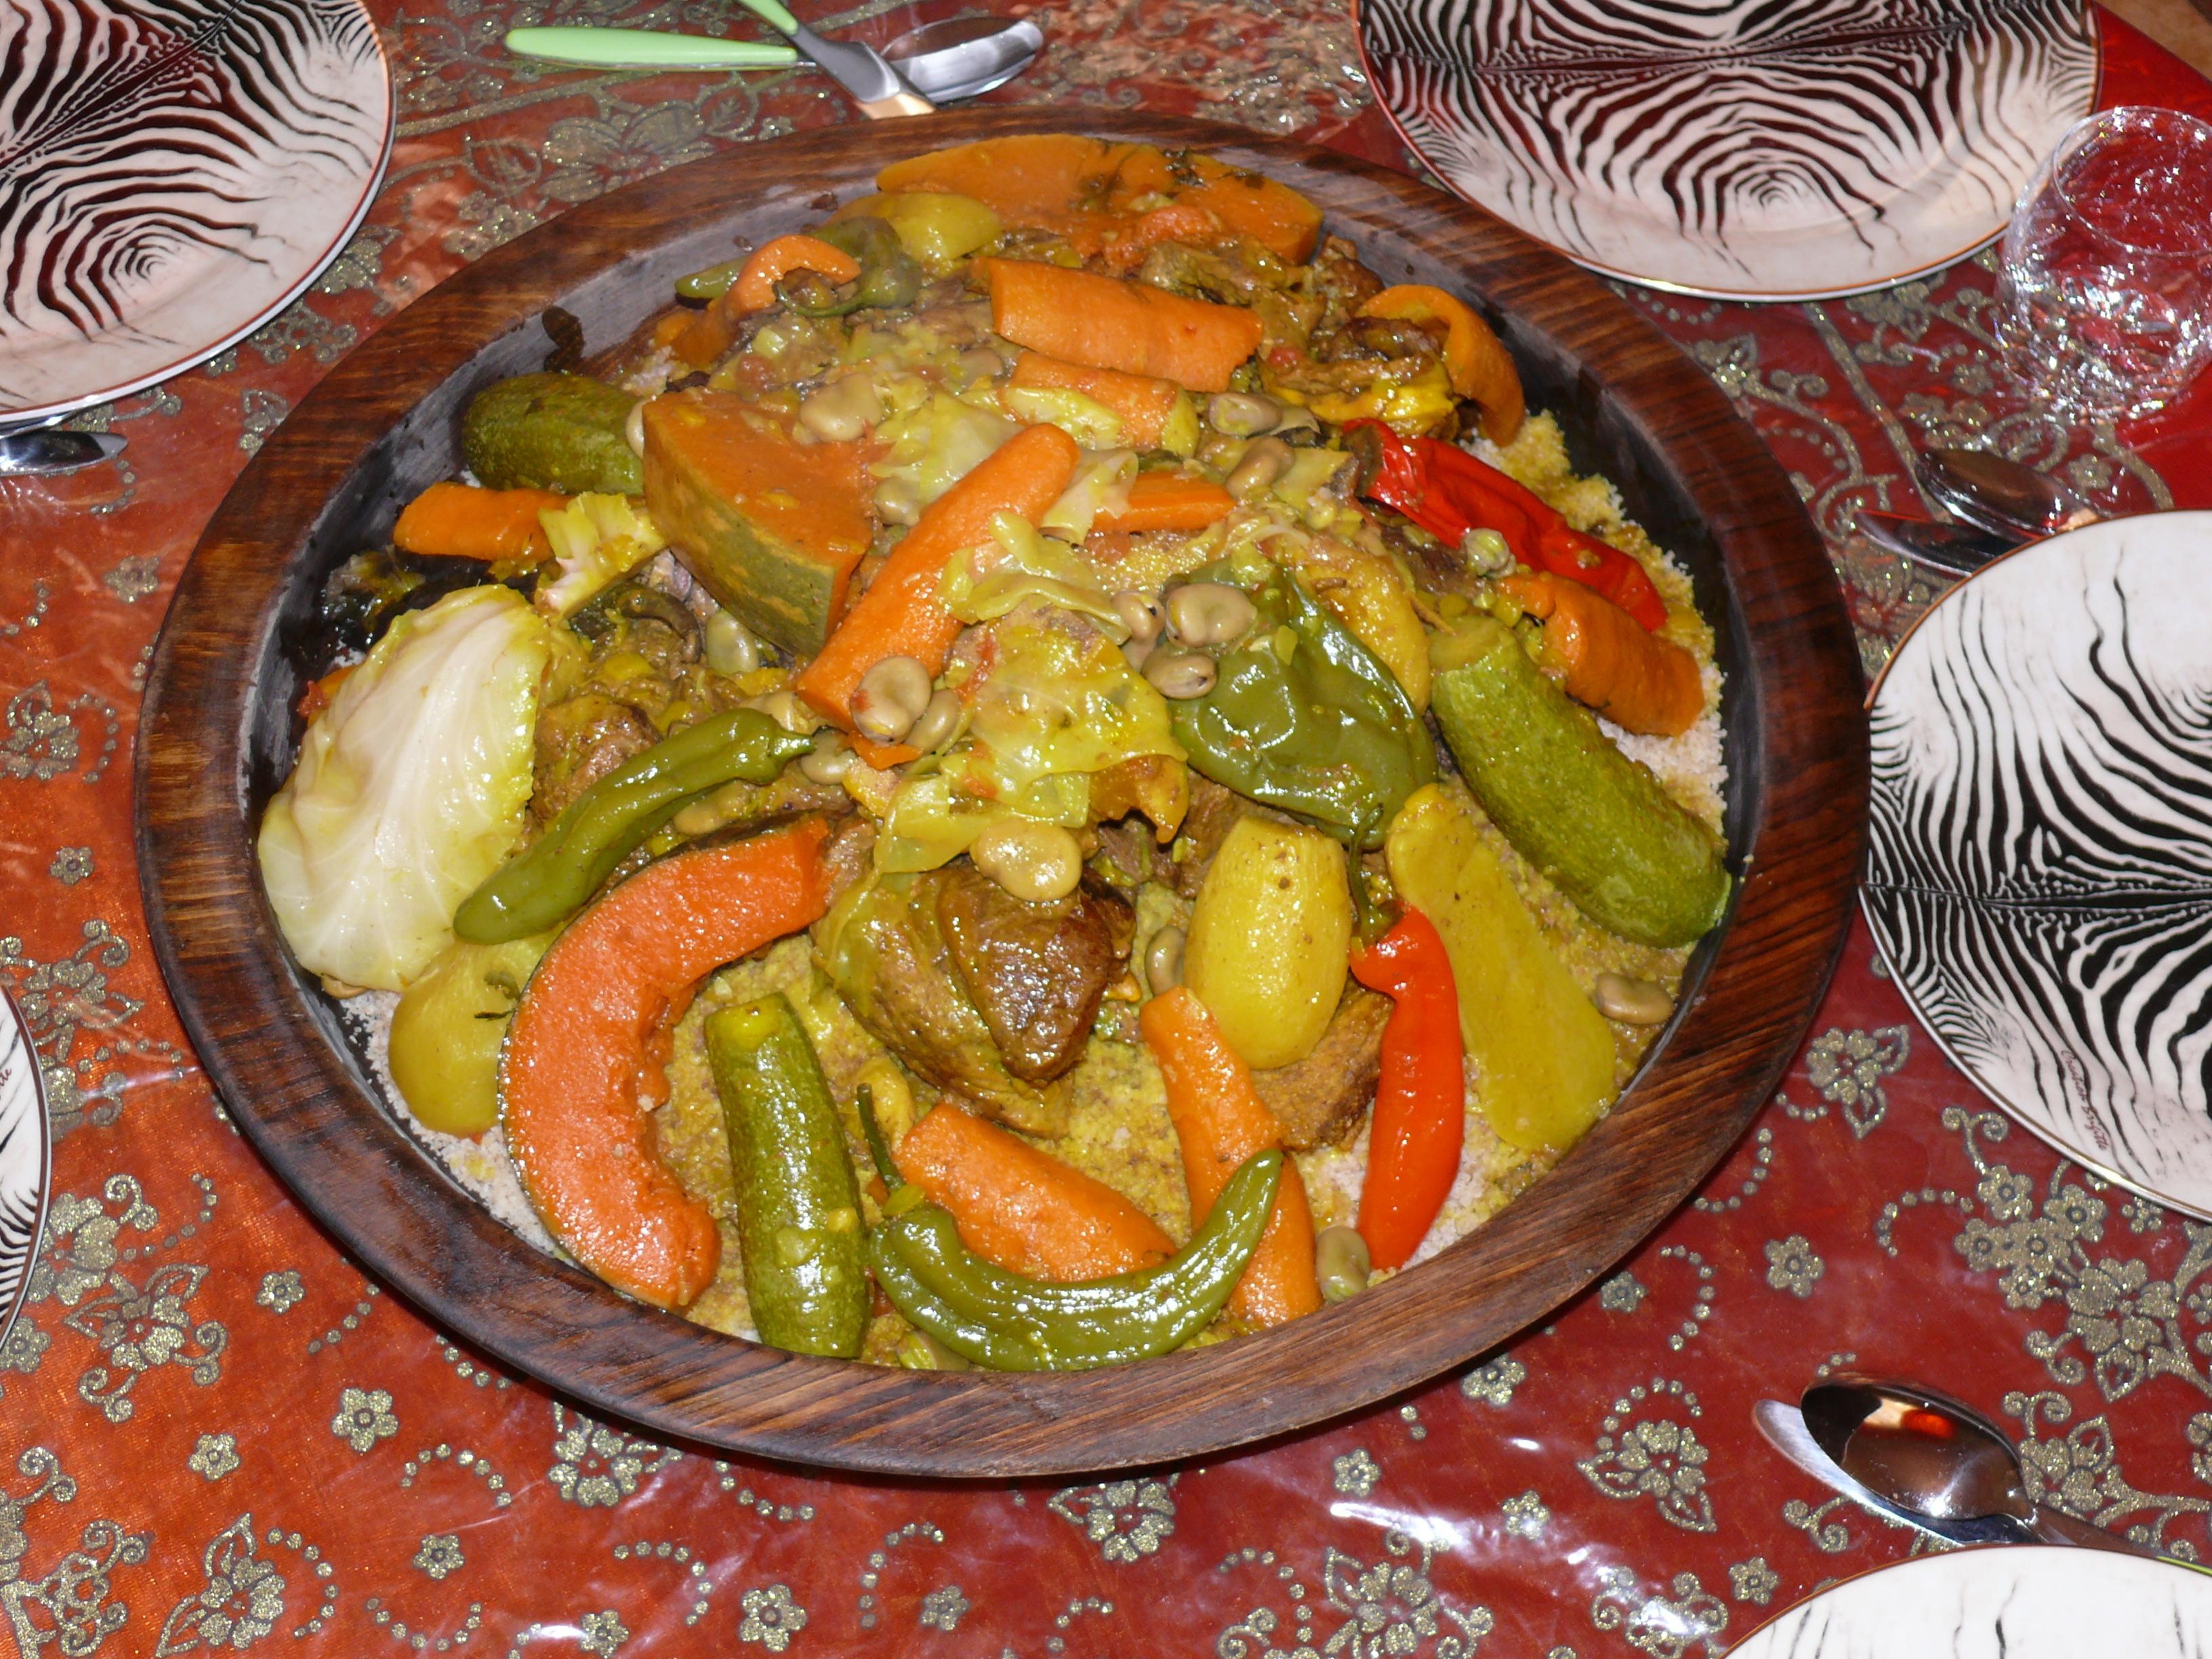 marokkanische küche | bnbnews.co - Marokkanische Küche Rezepte